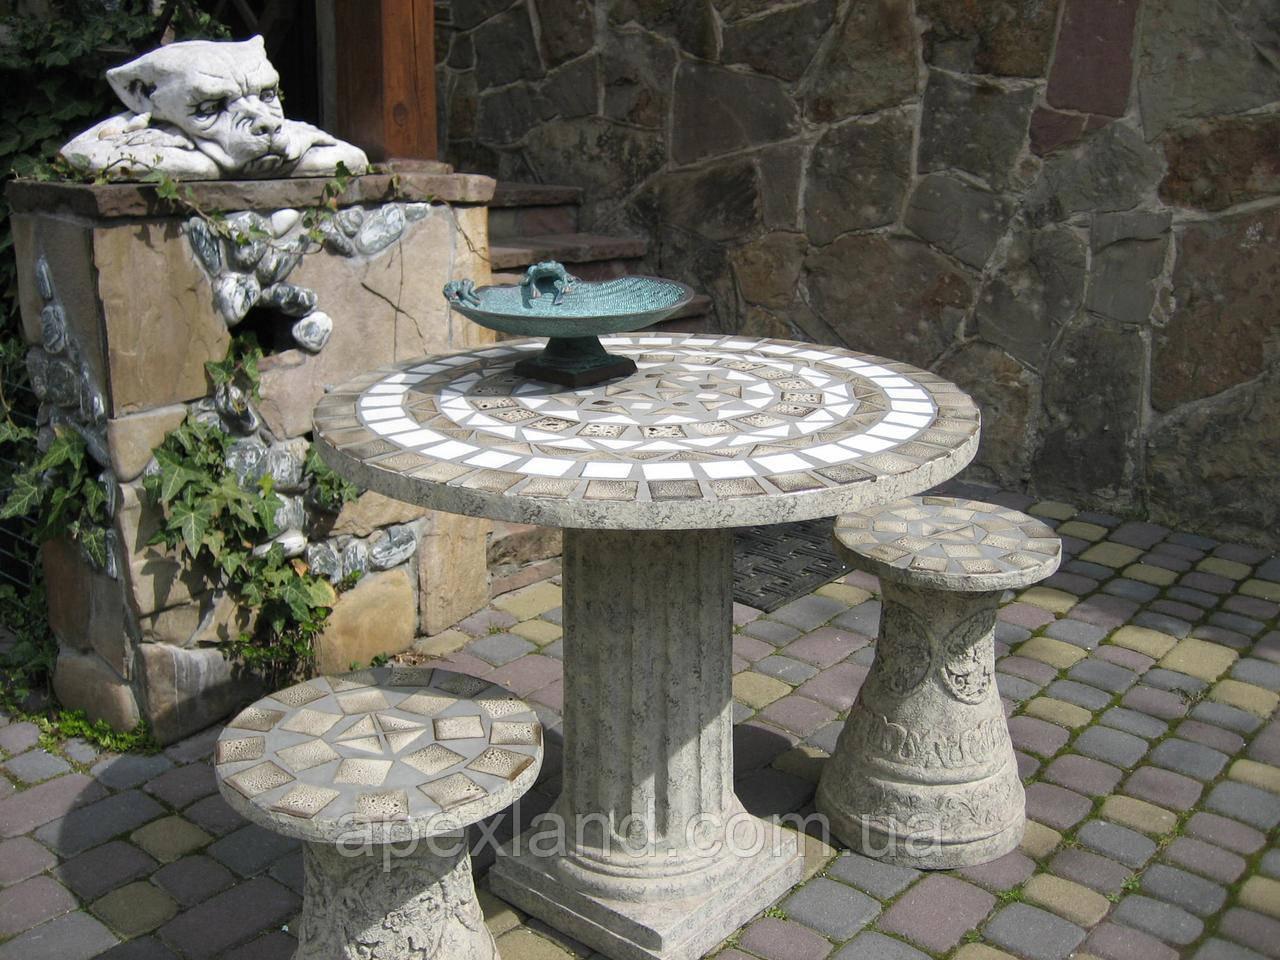 Мебель для сада из легкого и прочного полимерного материала.